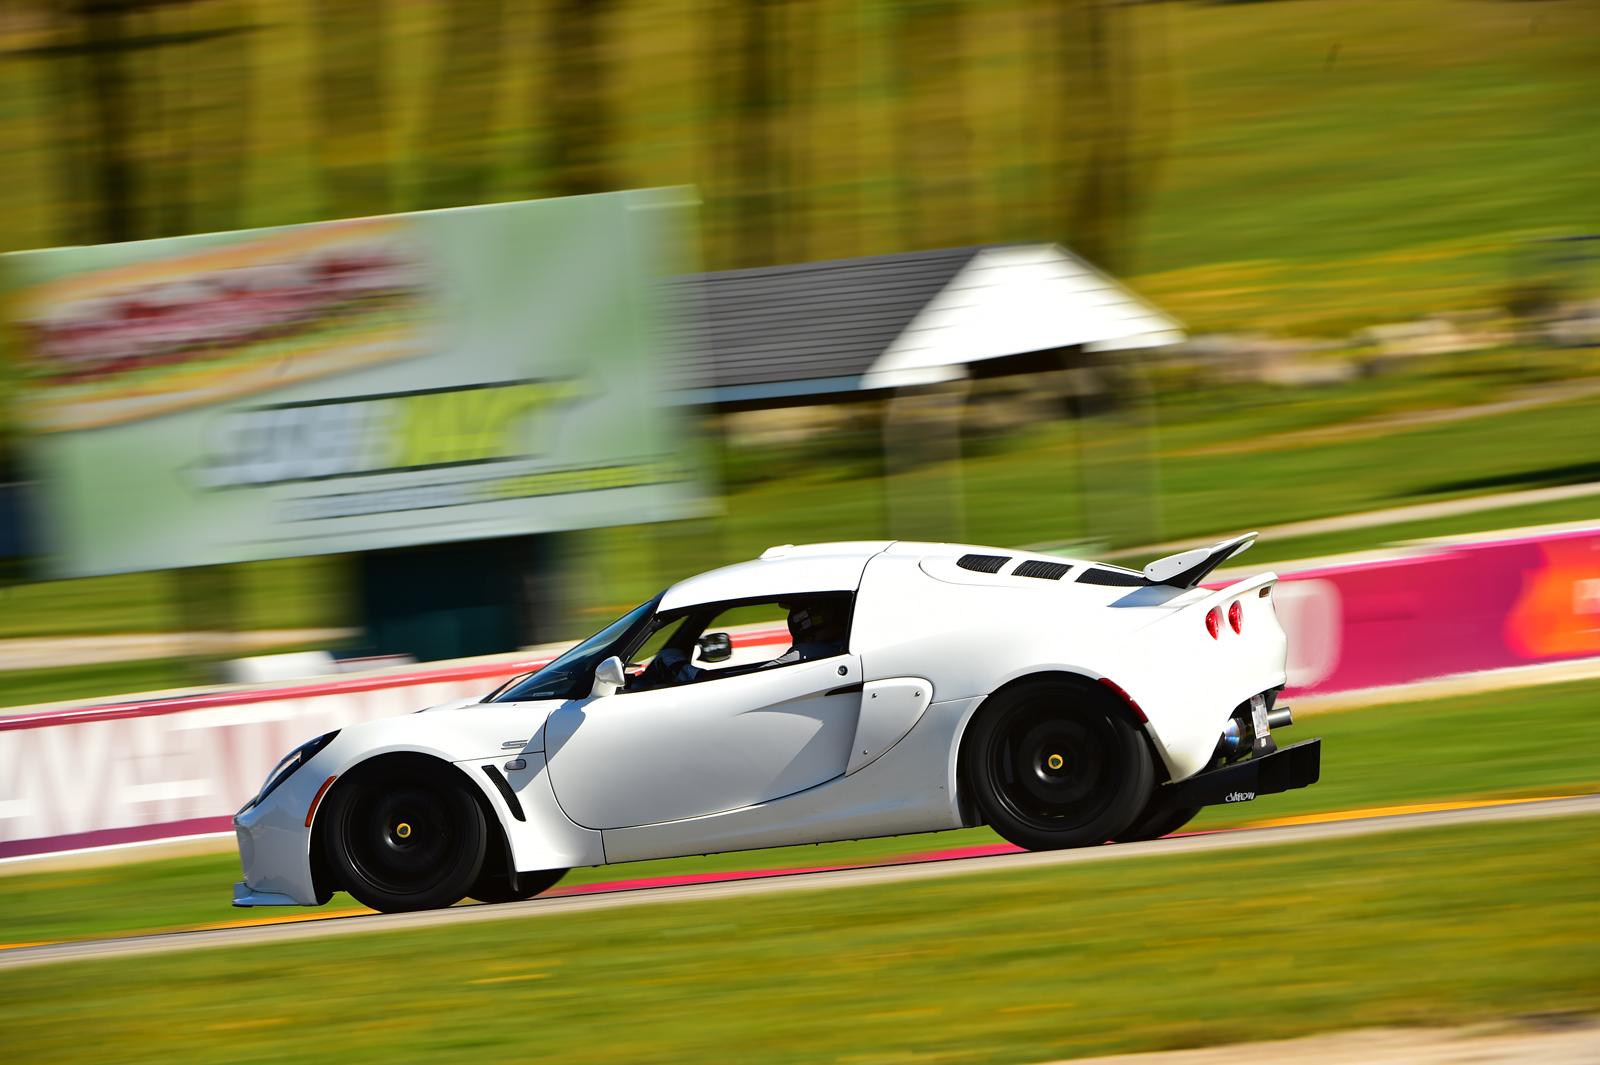 2007 Lotus Exige S Aspen White-m4s_1273_sm-jpg